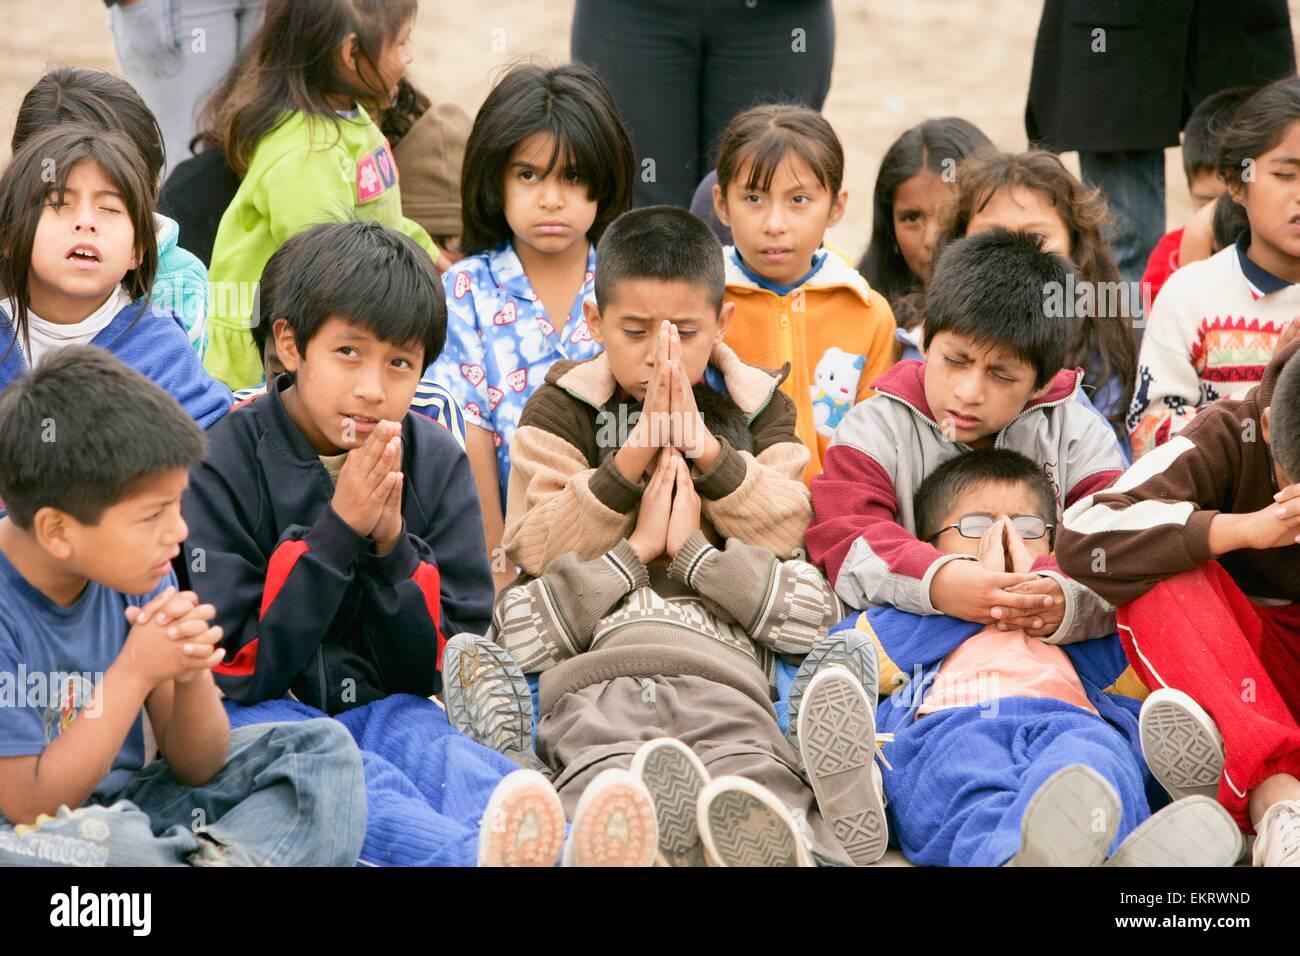 Grupo De Niños Orando, Lima, Perú Foto & Imagen De Stock